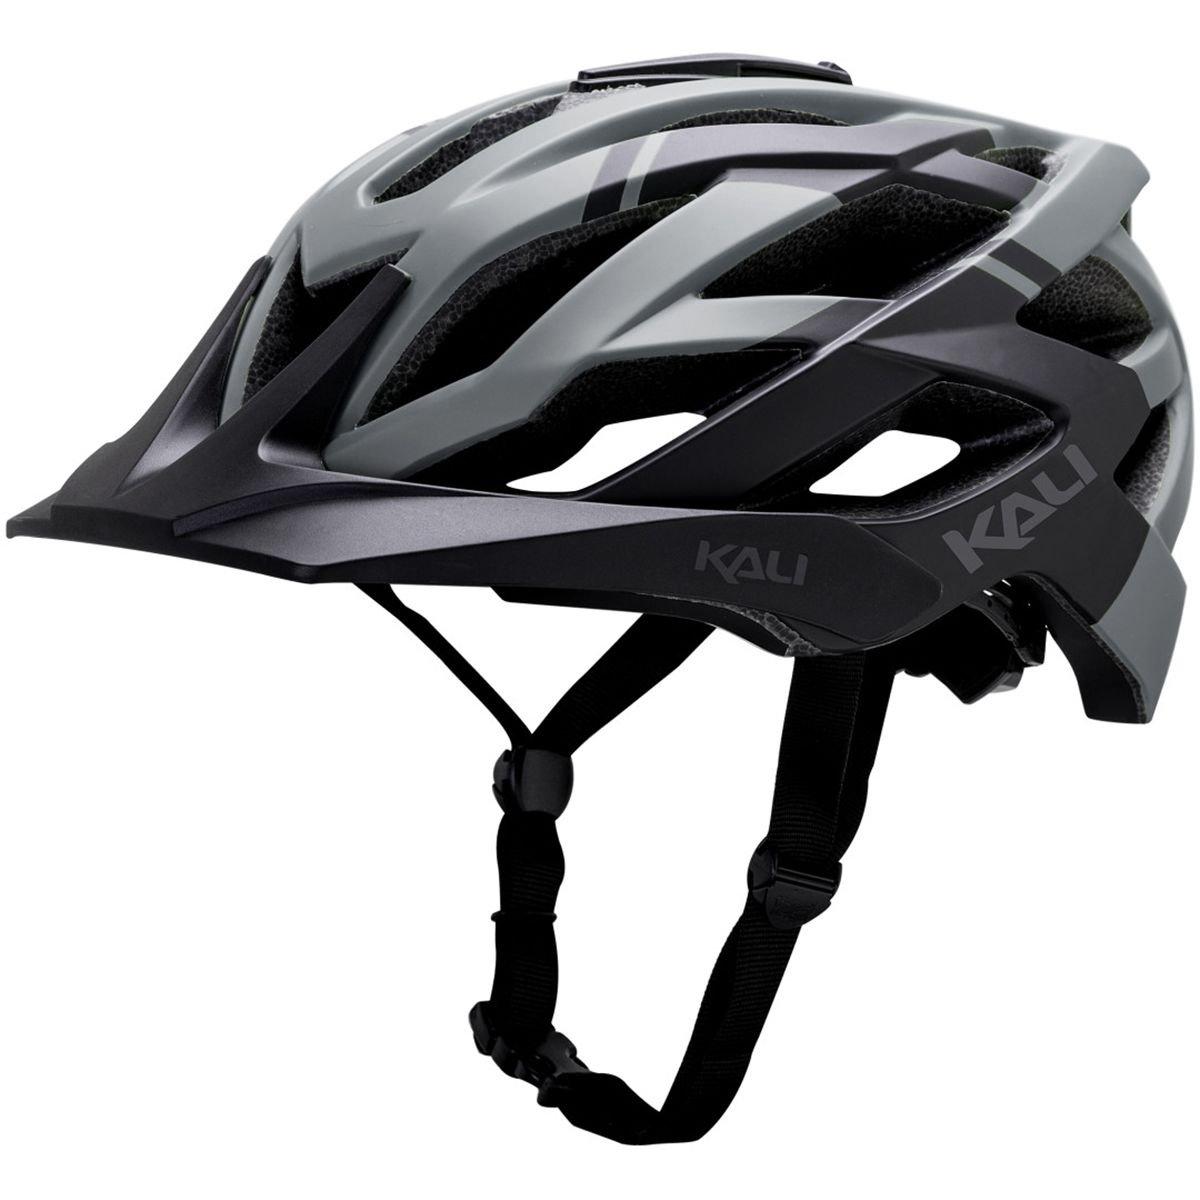 Kali Protectives 0221118117 Fahrrad Helm Unisex Erwachsene, schwarz grau, Größe  L